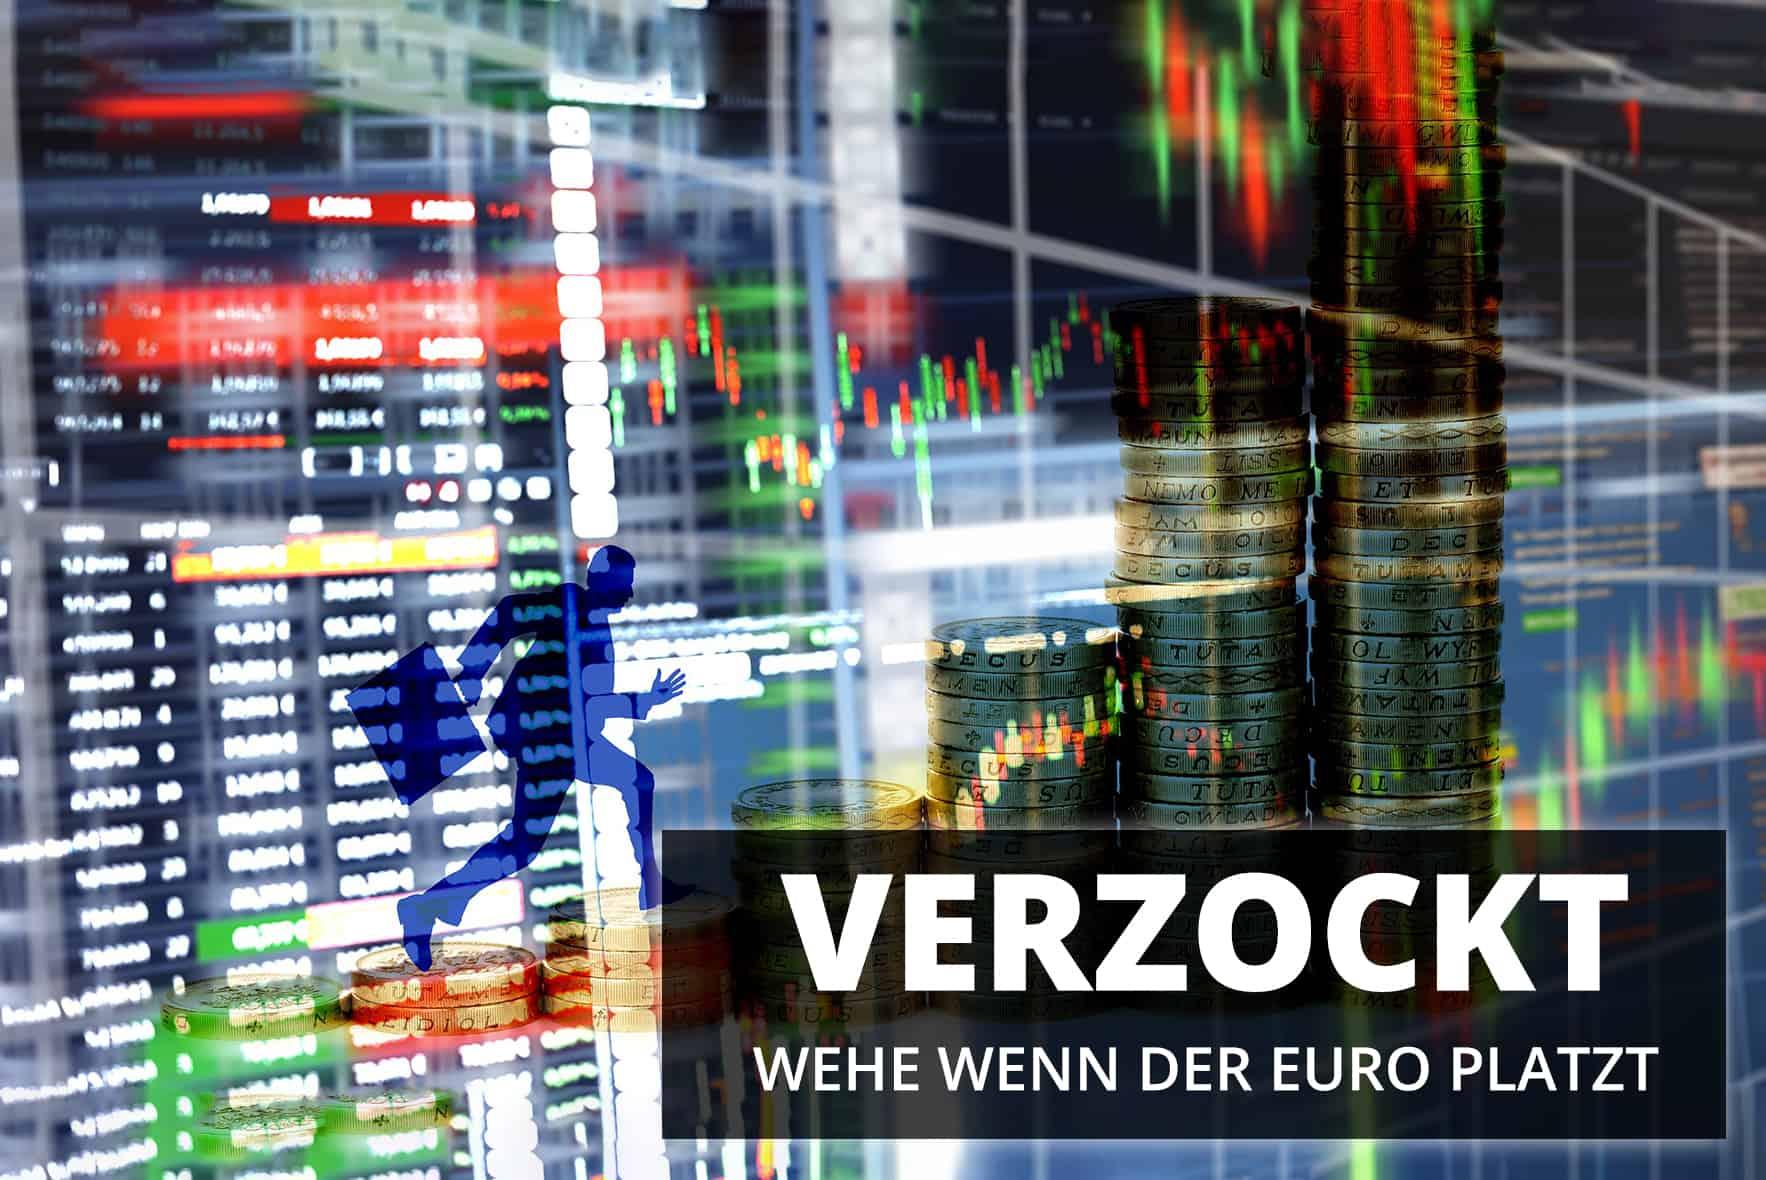 Verzockt - Wehe, wenn der Euro platzt